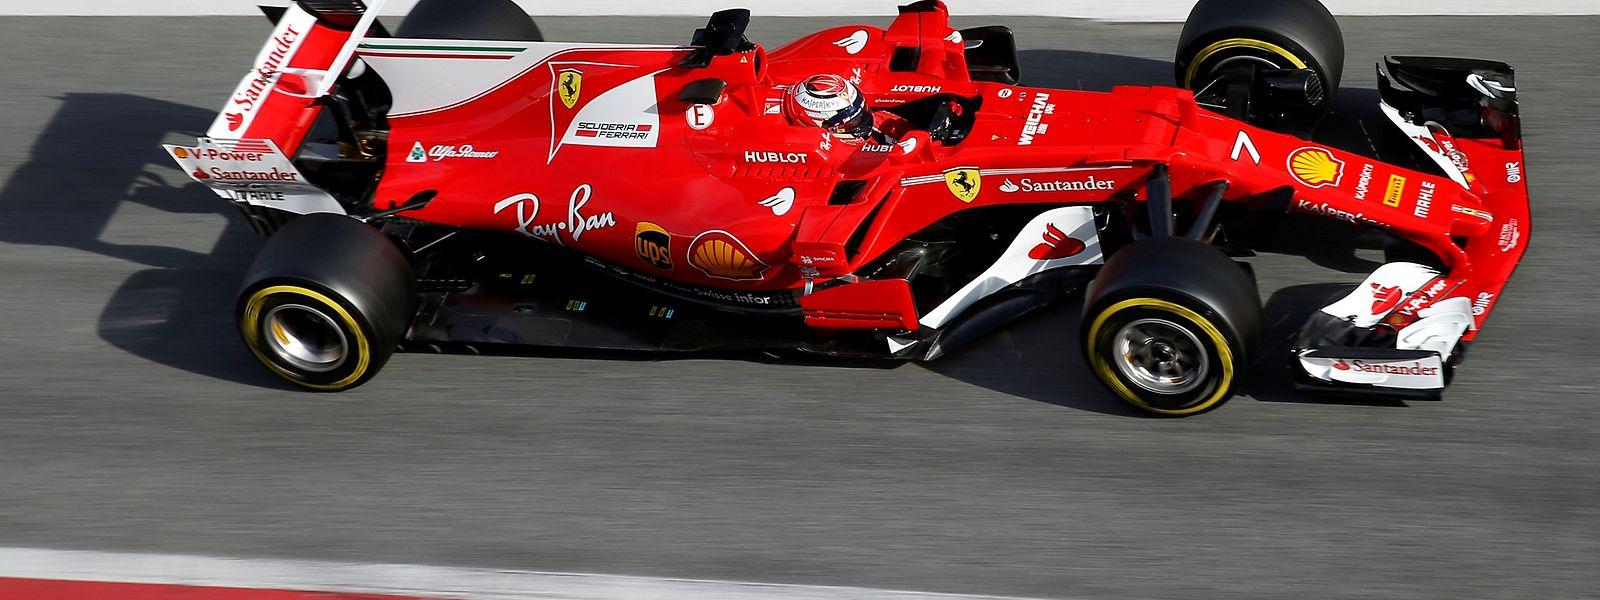 Ferrari mit Kimi Räikkönen glänzte bei den Testfahrten.